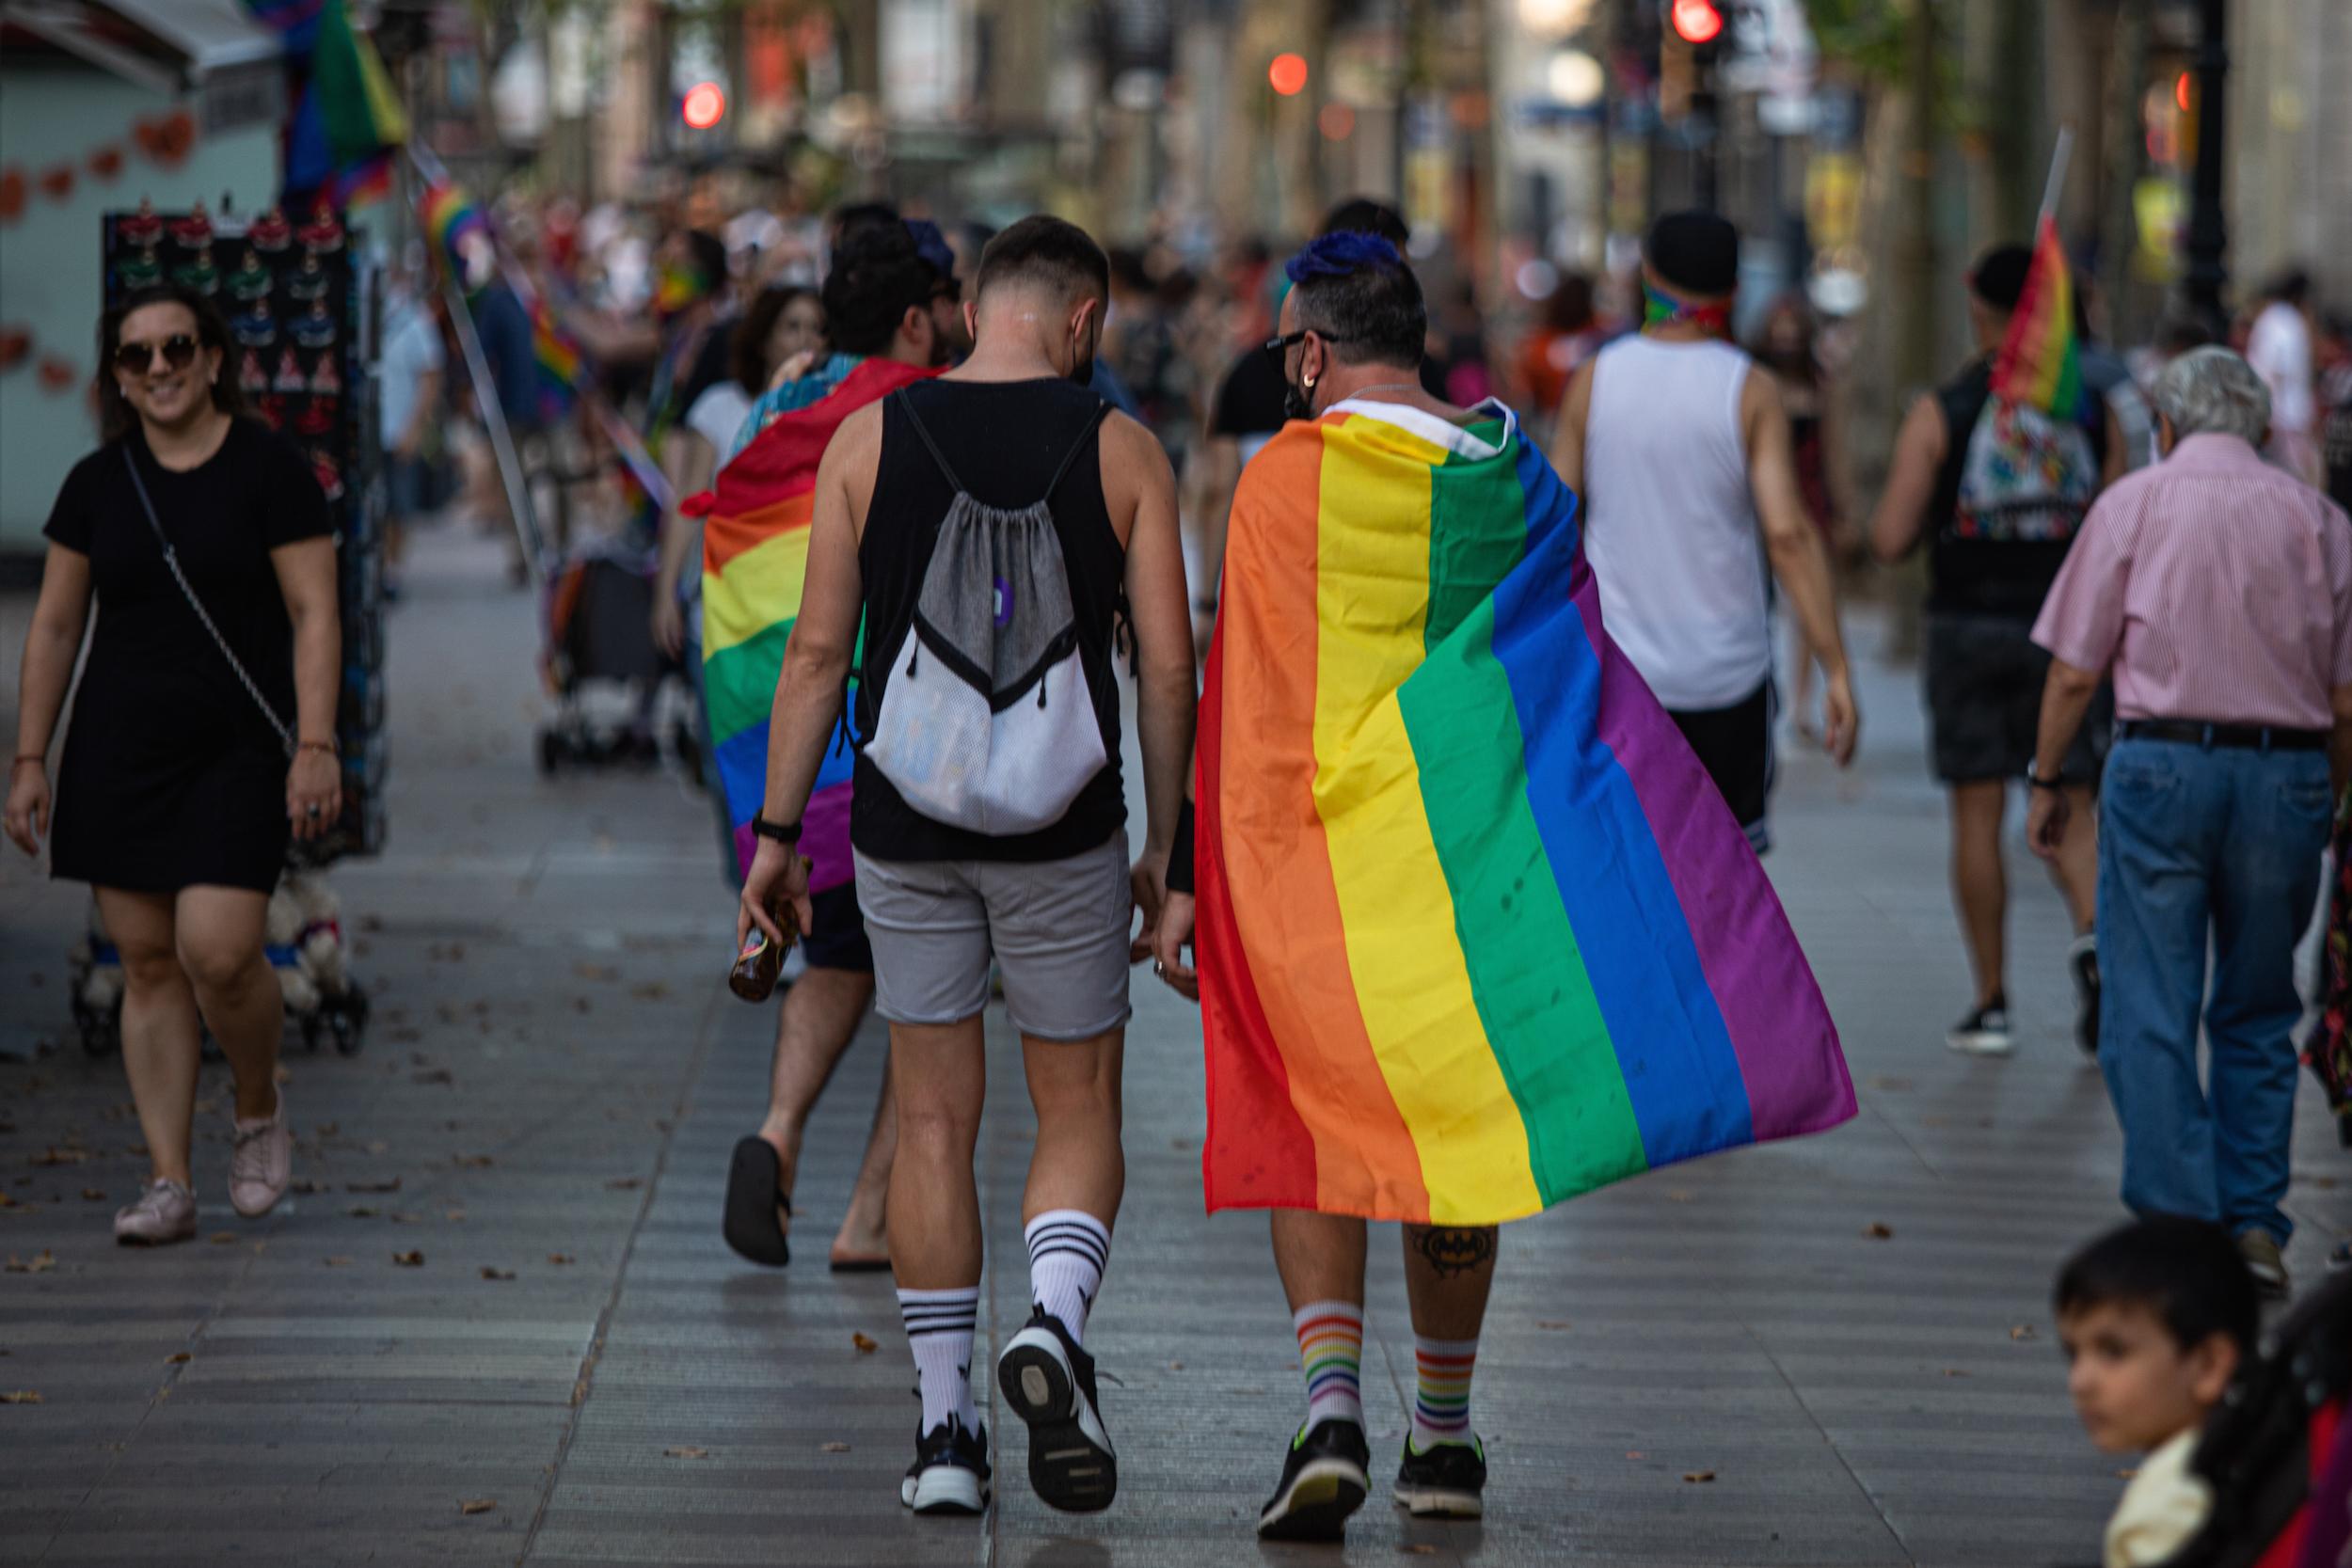 Dos nois amb una bandera LGBTI passegen per Barcelona el dia de l'orgull del 2020 / EP